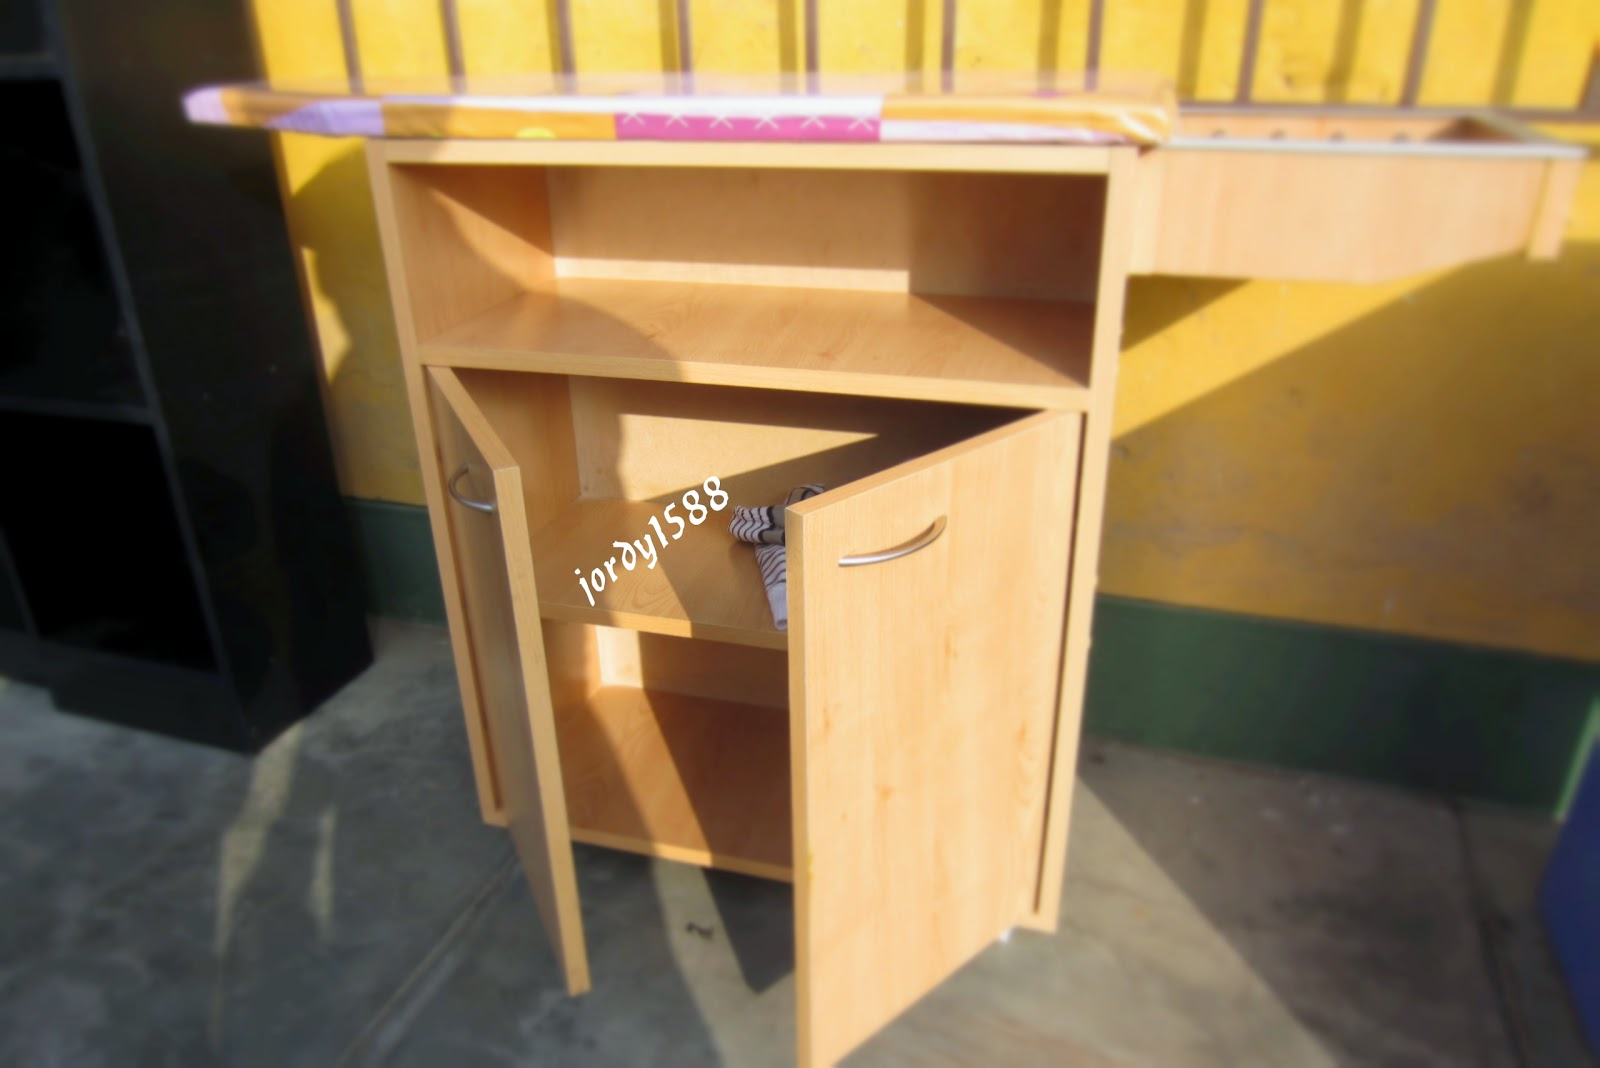 Muebles en melamina jrj planchador mueble hecho en for Mueble planchador